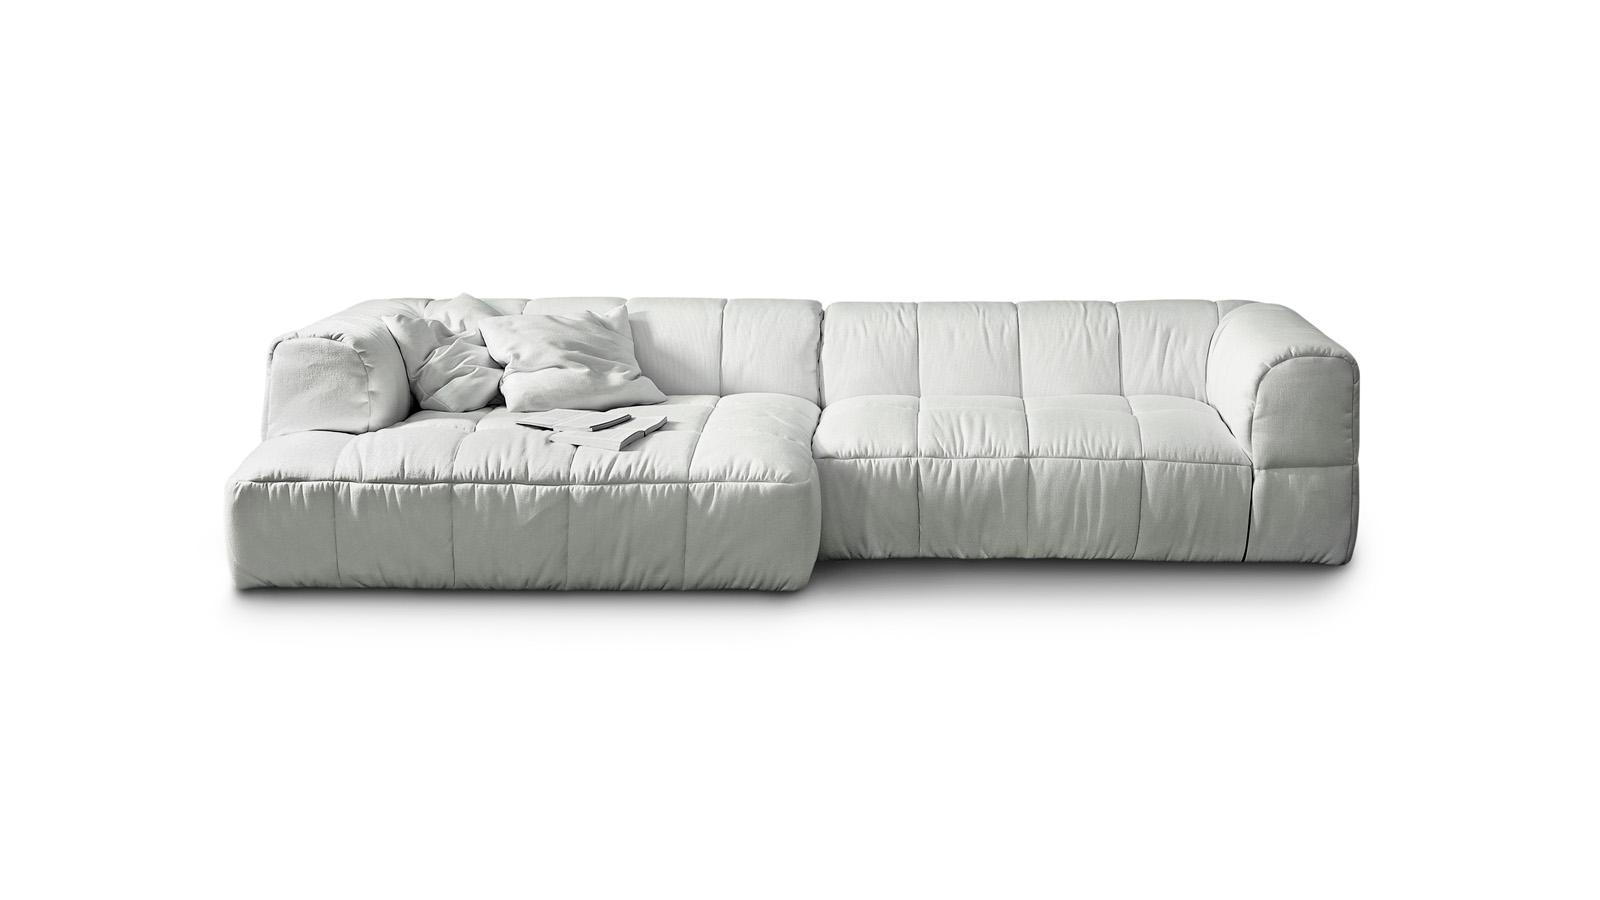 TinnappelMetz-arflex-strips-sofa-01